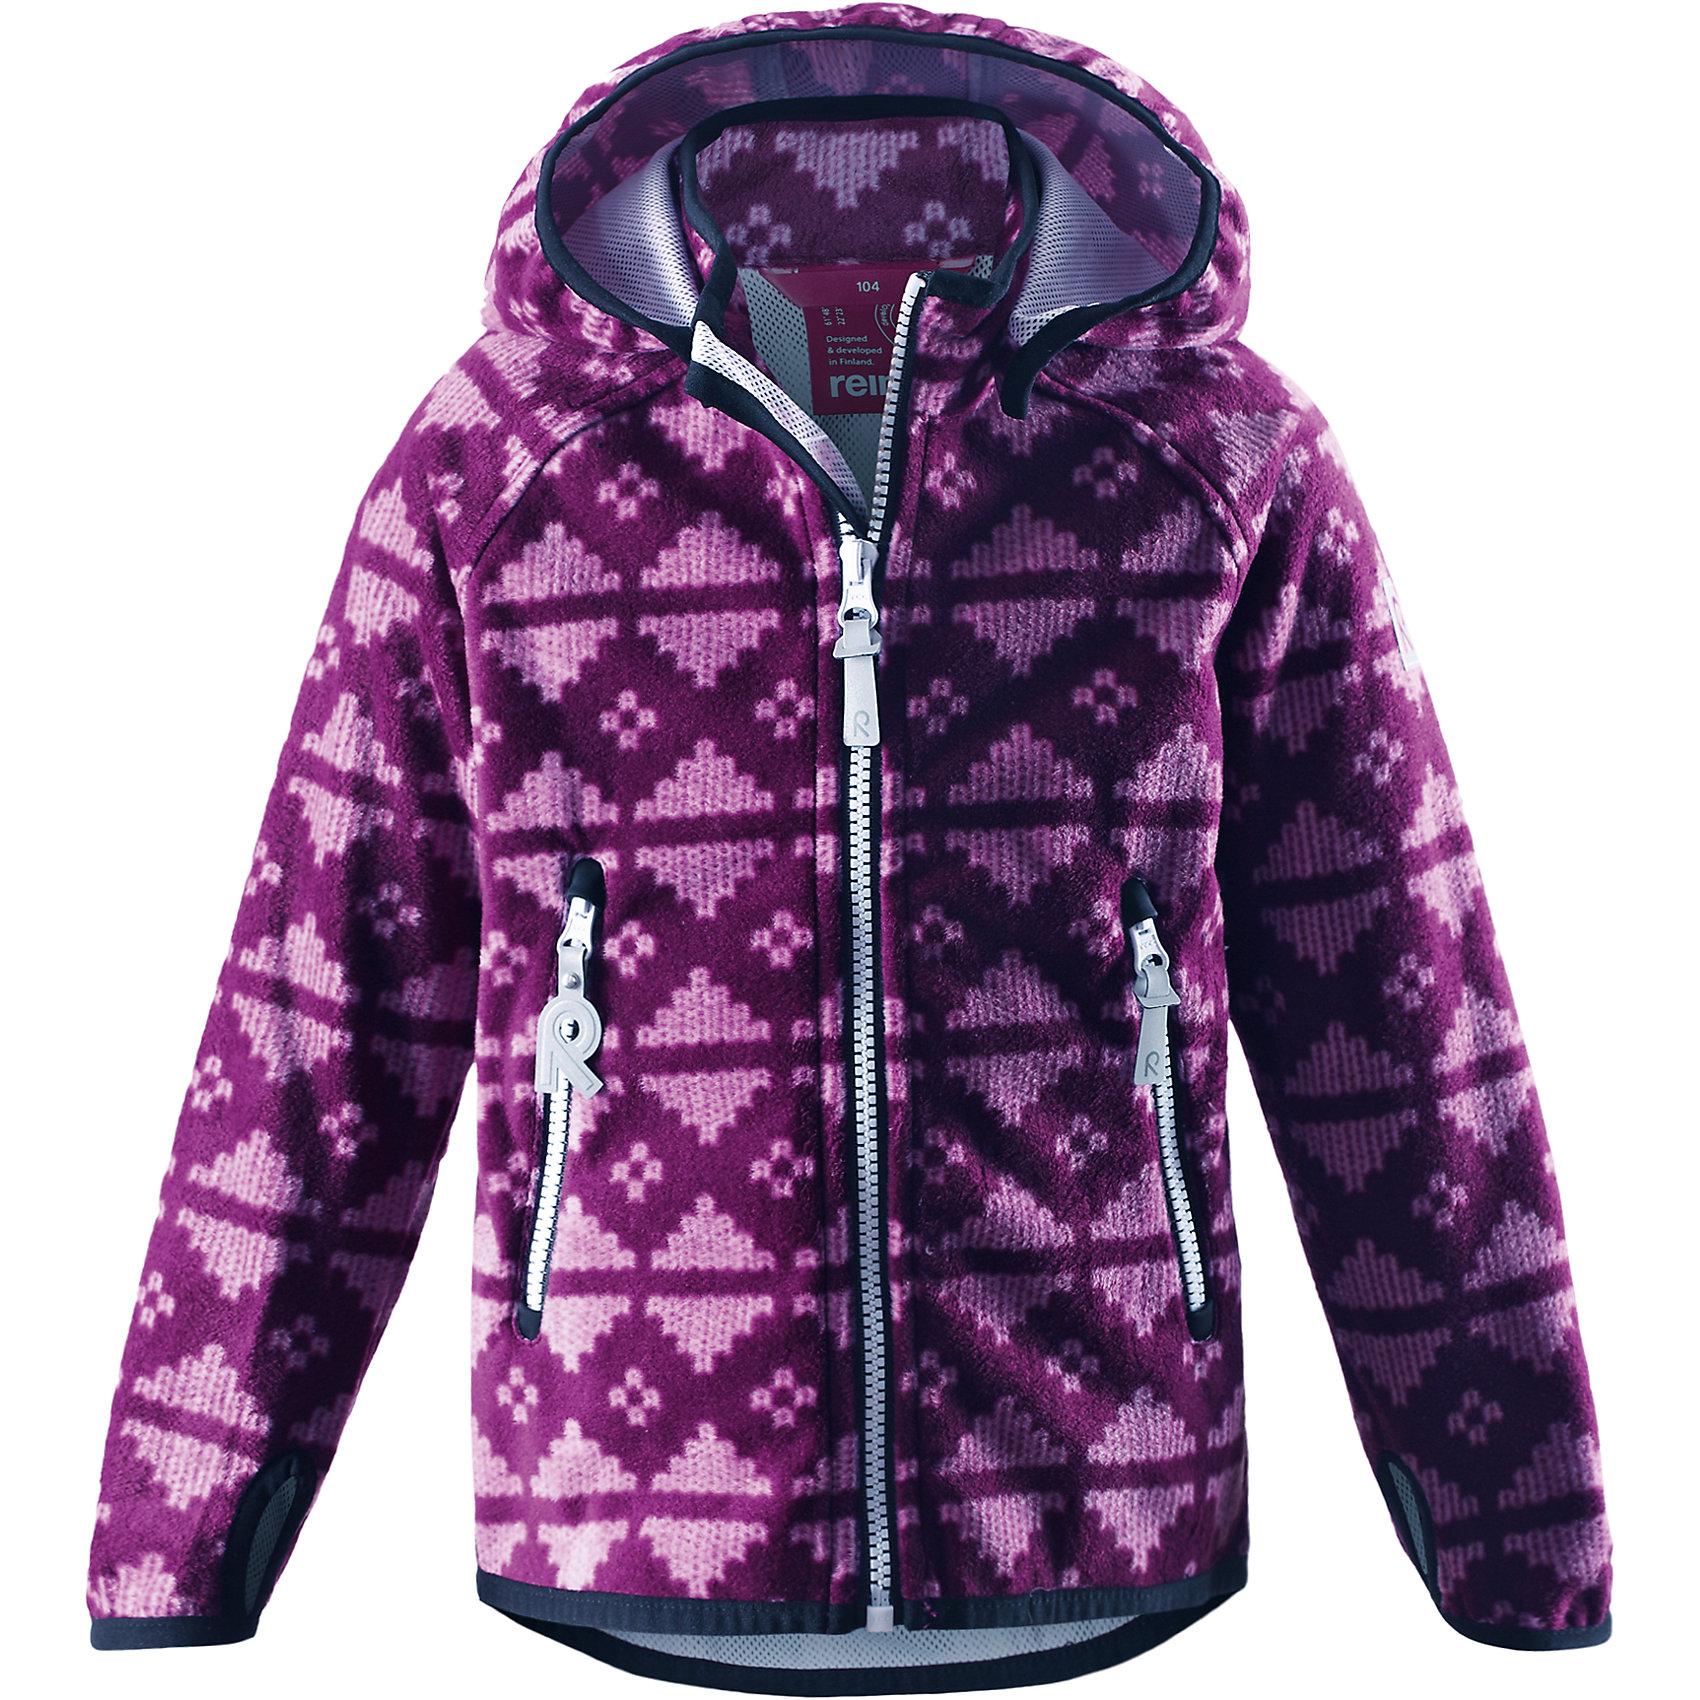 Куртка Ajatus для девочки ReimaОдежда<br>Куртка  Reima<br>Куртка из материала softshell для детей. Из ветронепроницаемого материала, но изделие «дышит». Безопасный, съемный капюшон. Эластичная резинка на кромке капюшона, манжетах и подоле. Два кармана на молнии. Принт по всей поверхности.<br>Уход:<br>Стирать по отдельности. Застегнуть молнии и липучки. Стирать моющим средством, не содержащим отбеливающие вещества. Полоскать без специального средства. Во избежание изменения цвета изделие необходимо вынуть из стиральной машинки незамедлительно после окончания программы стирки. Сушить при низкой температуре.<br>Состав:<br>100% Полиэстер, полиуретановая мембрана<br><br>Ширина мм: 356<br>Глубина мм: 10<br>Высота мм: 245<br>Вес г: 519<br>Цвет: фиолетовый<br>Возраст от месяцев: 60<br>Возраст до месяцев: 72<br>Пол: Женский<br>Возраст: Детский<br>Размер: 116,140,110,134,128,104,122<br>SKU: 4777842